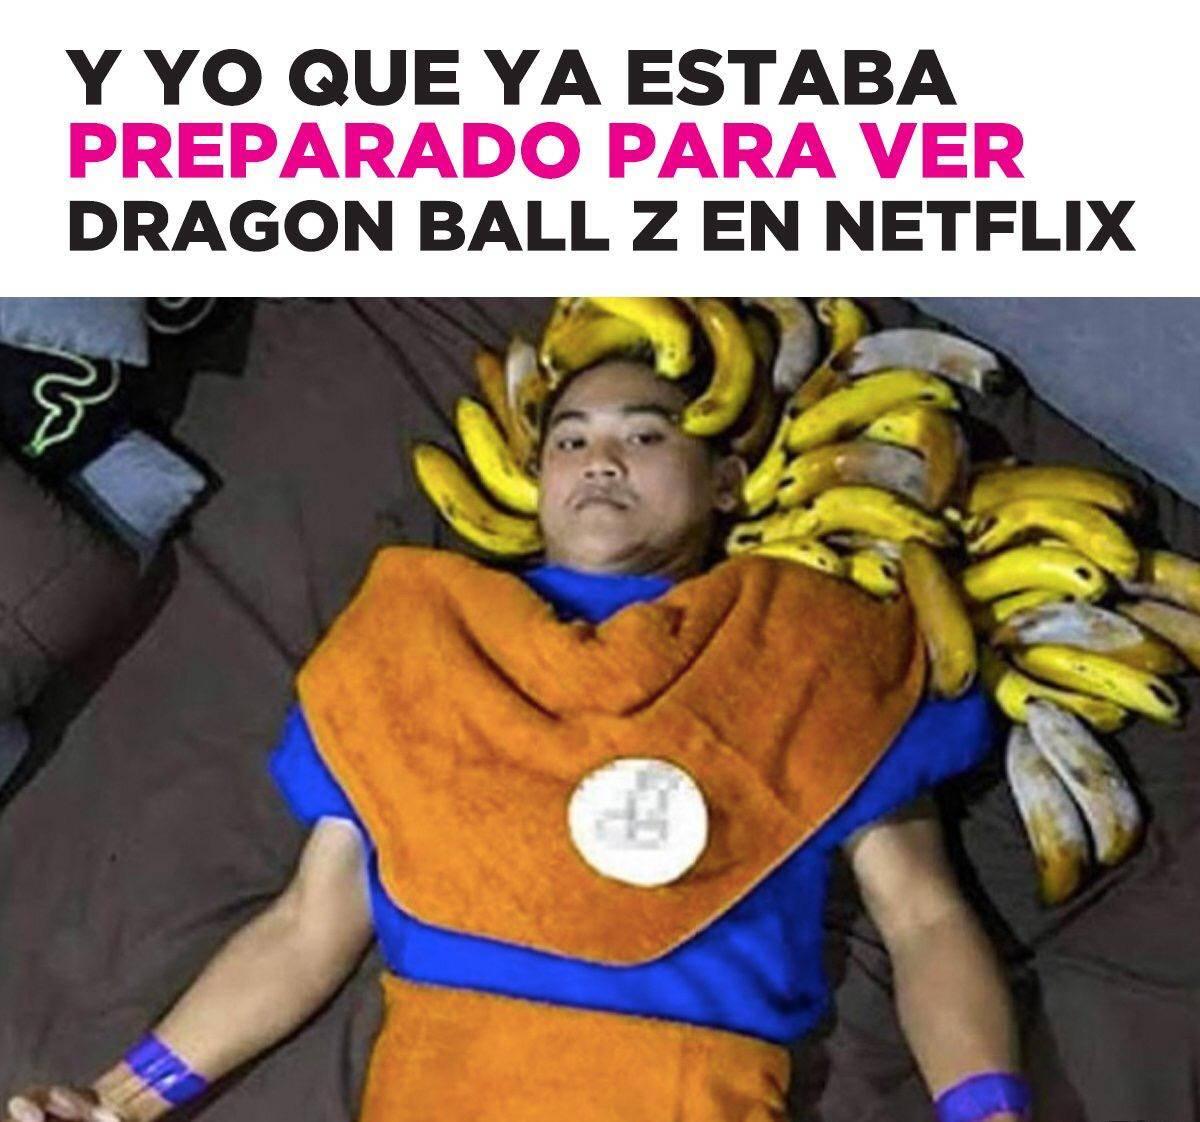 Dragonball Netflix